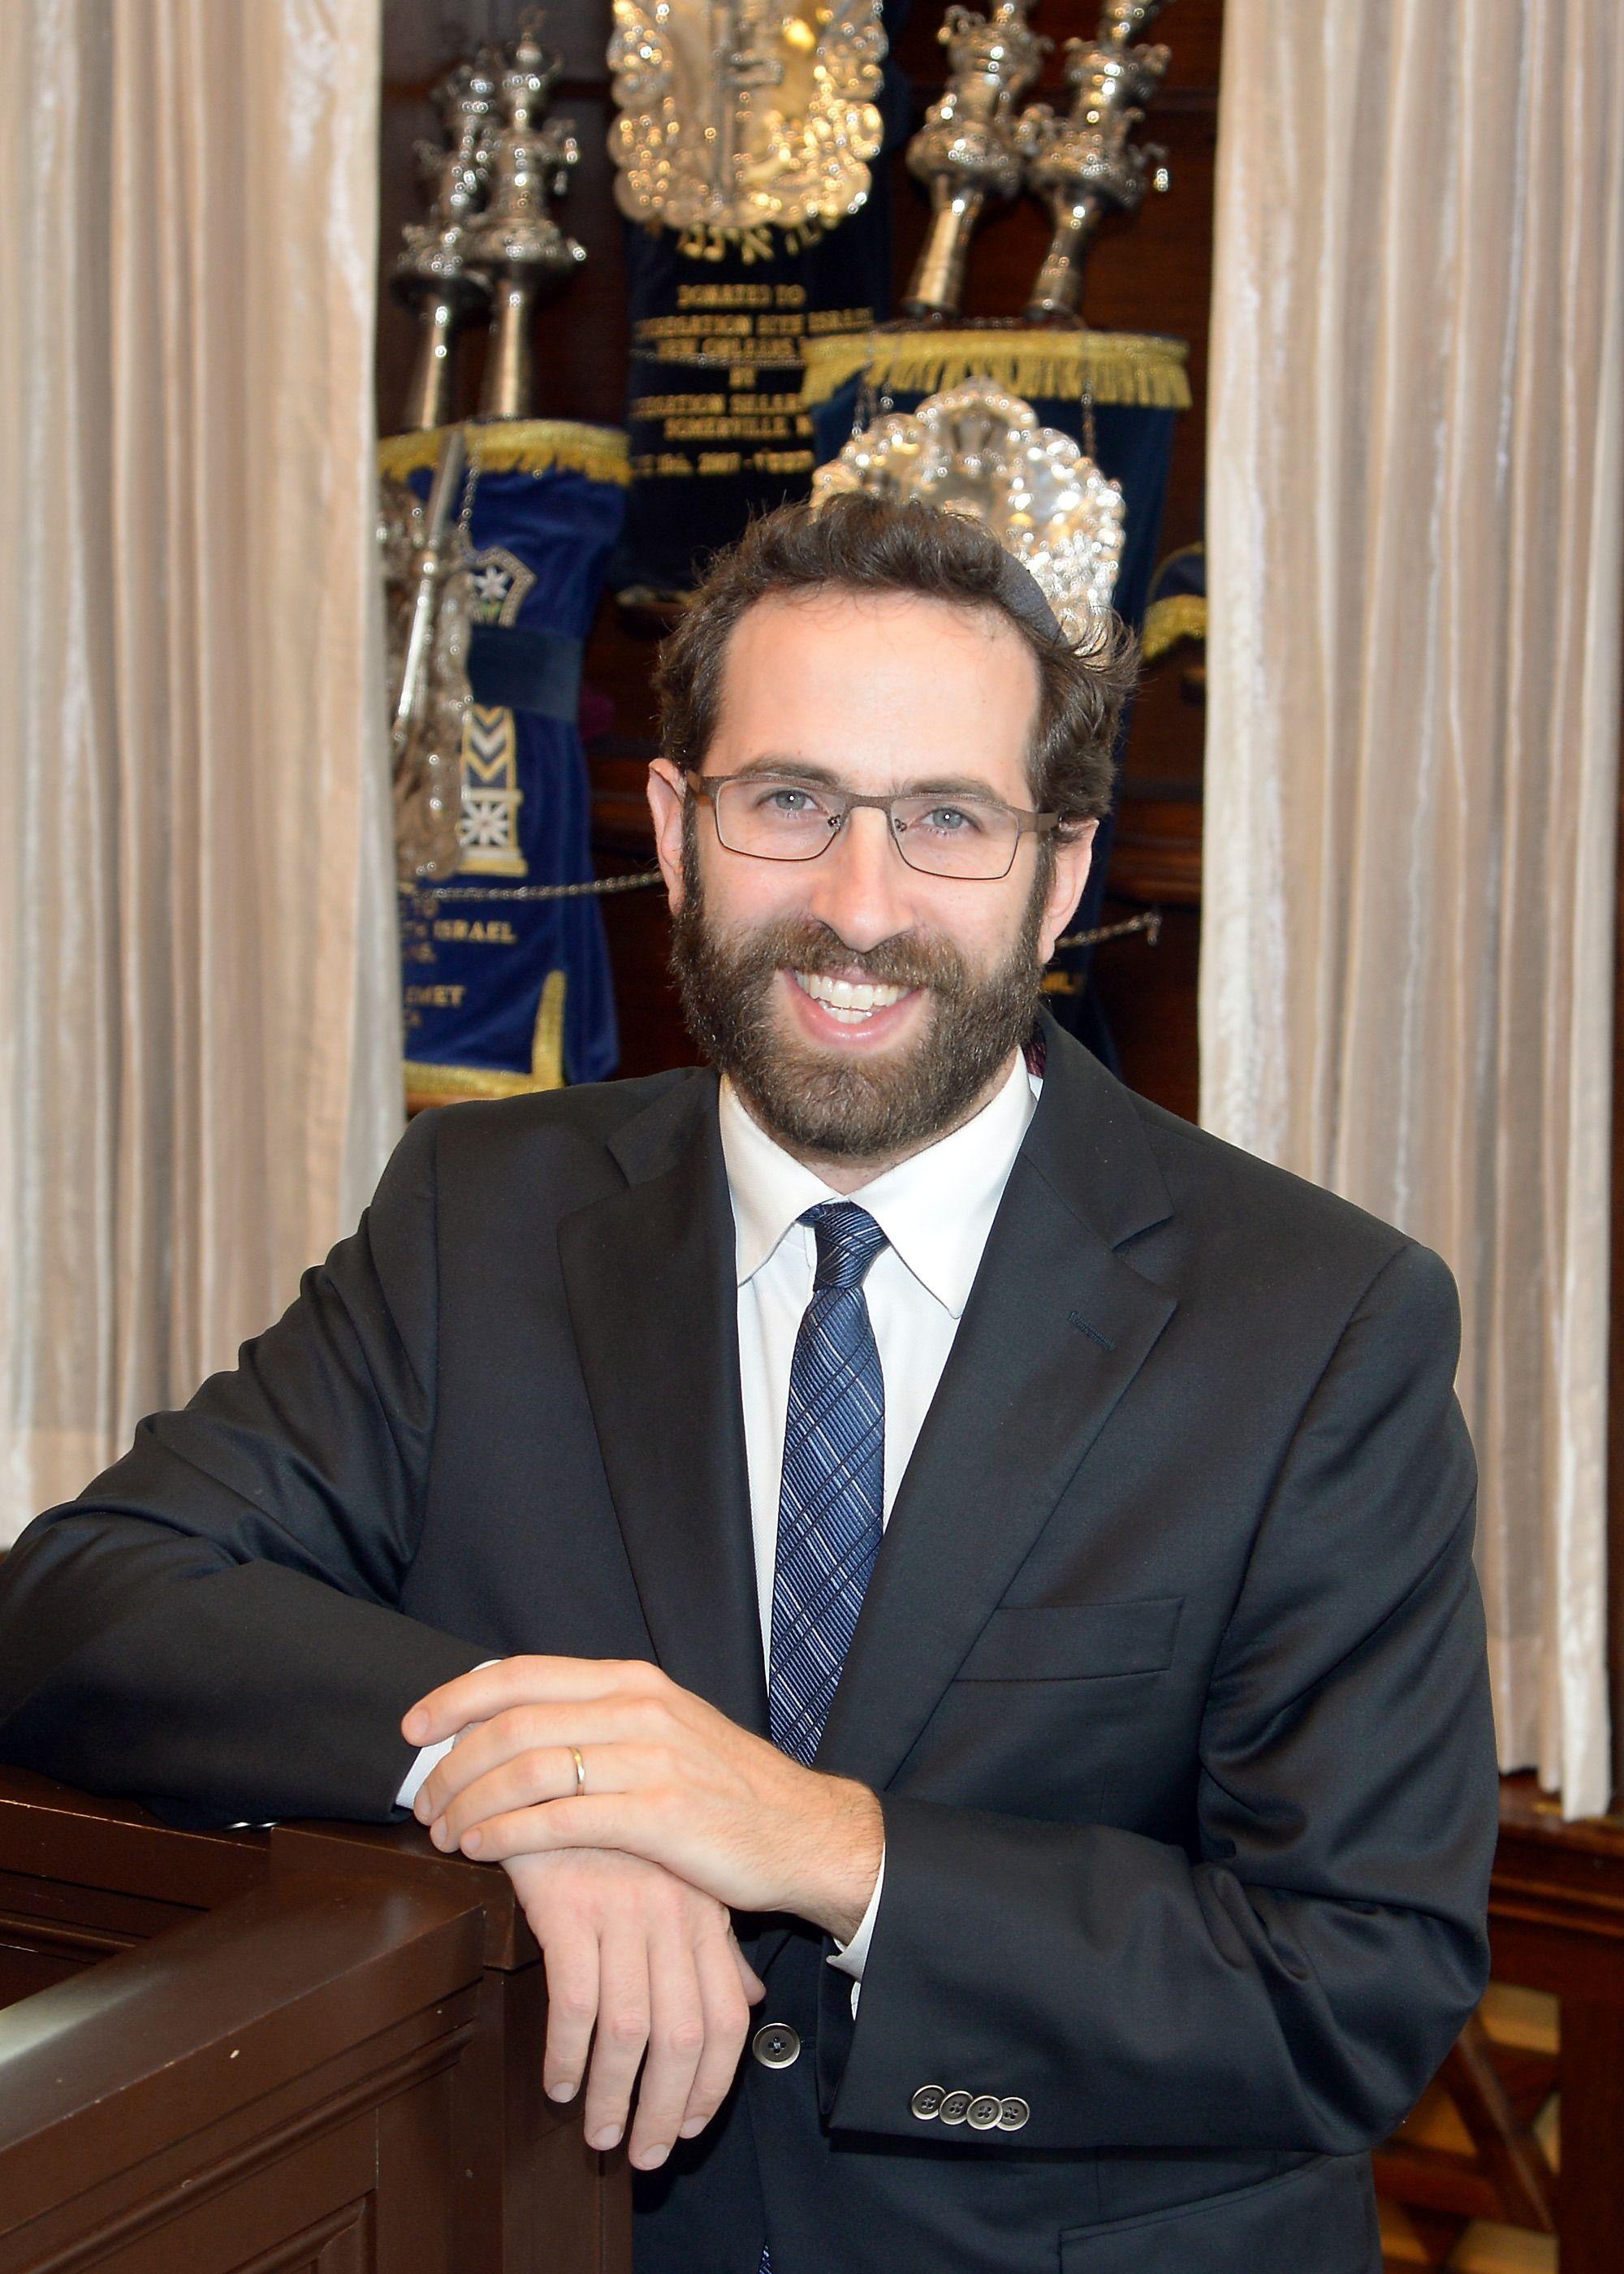 Gabriel Greenberg